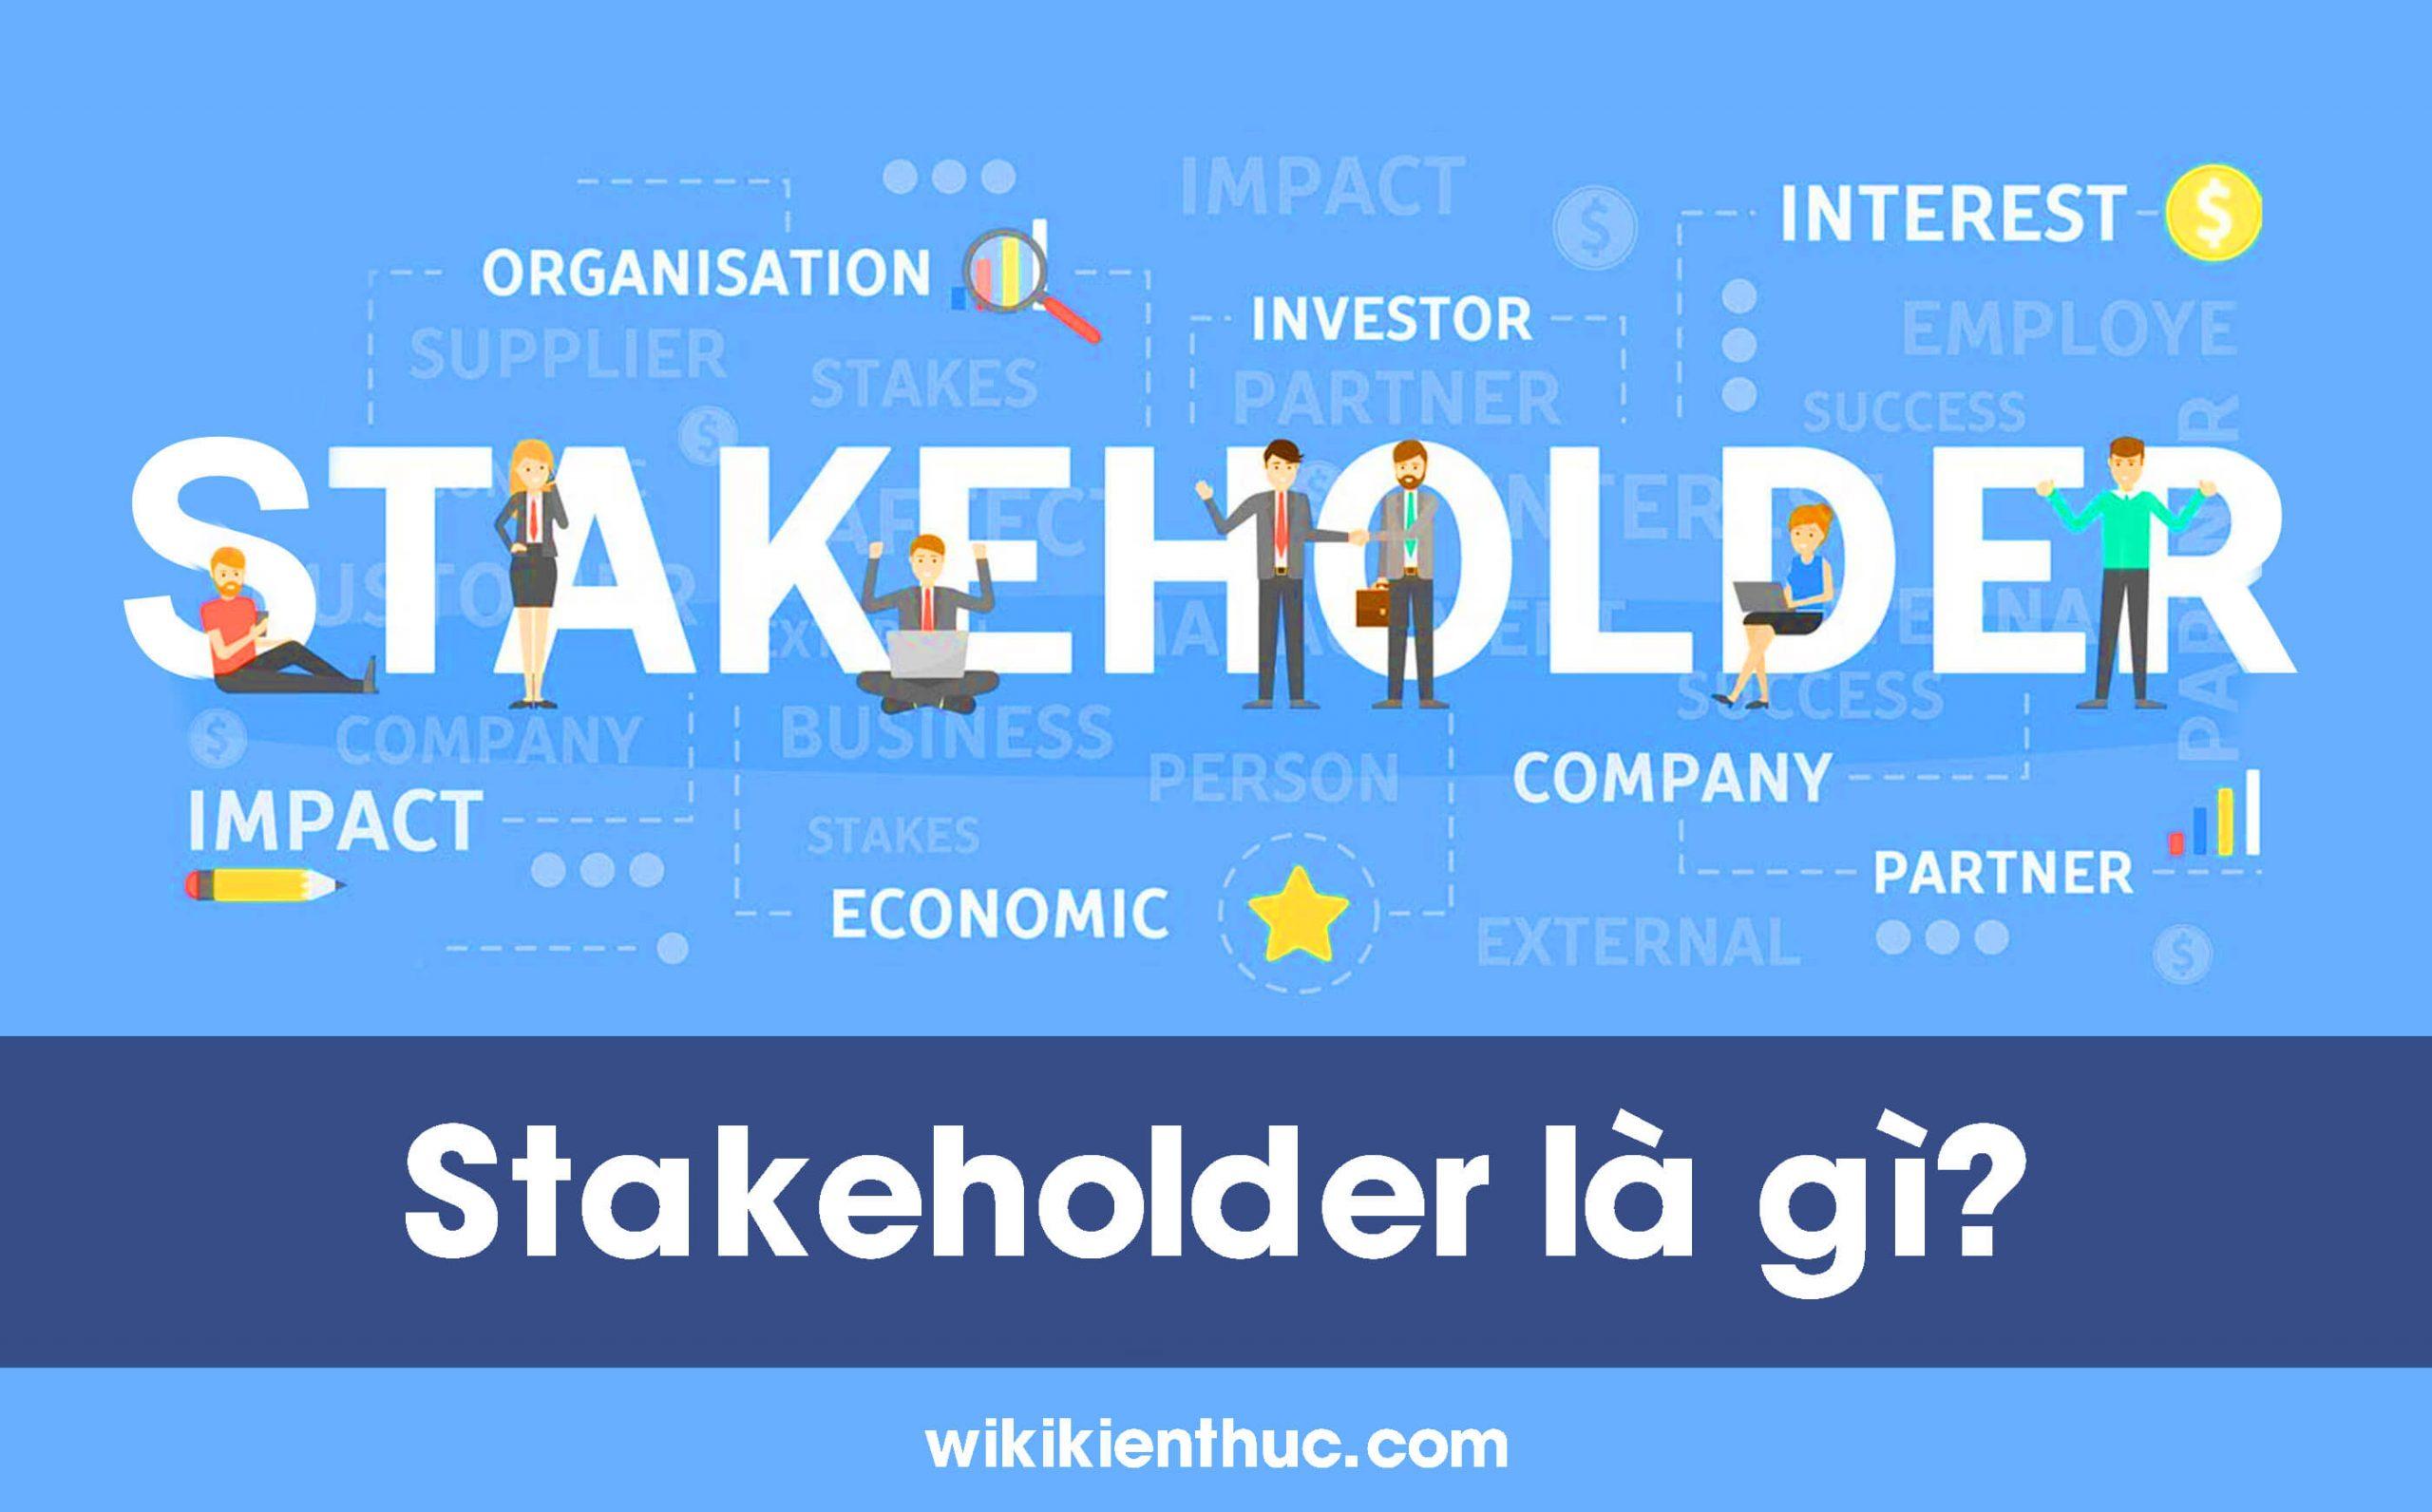 Stakeholder là gì? Vai trò của Stakeholder trong dự án của doanh nghiệp